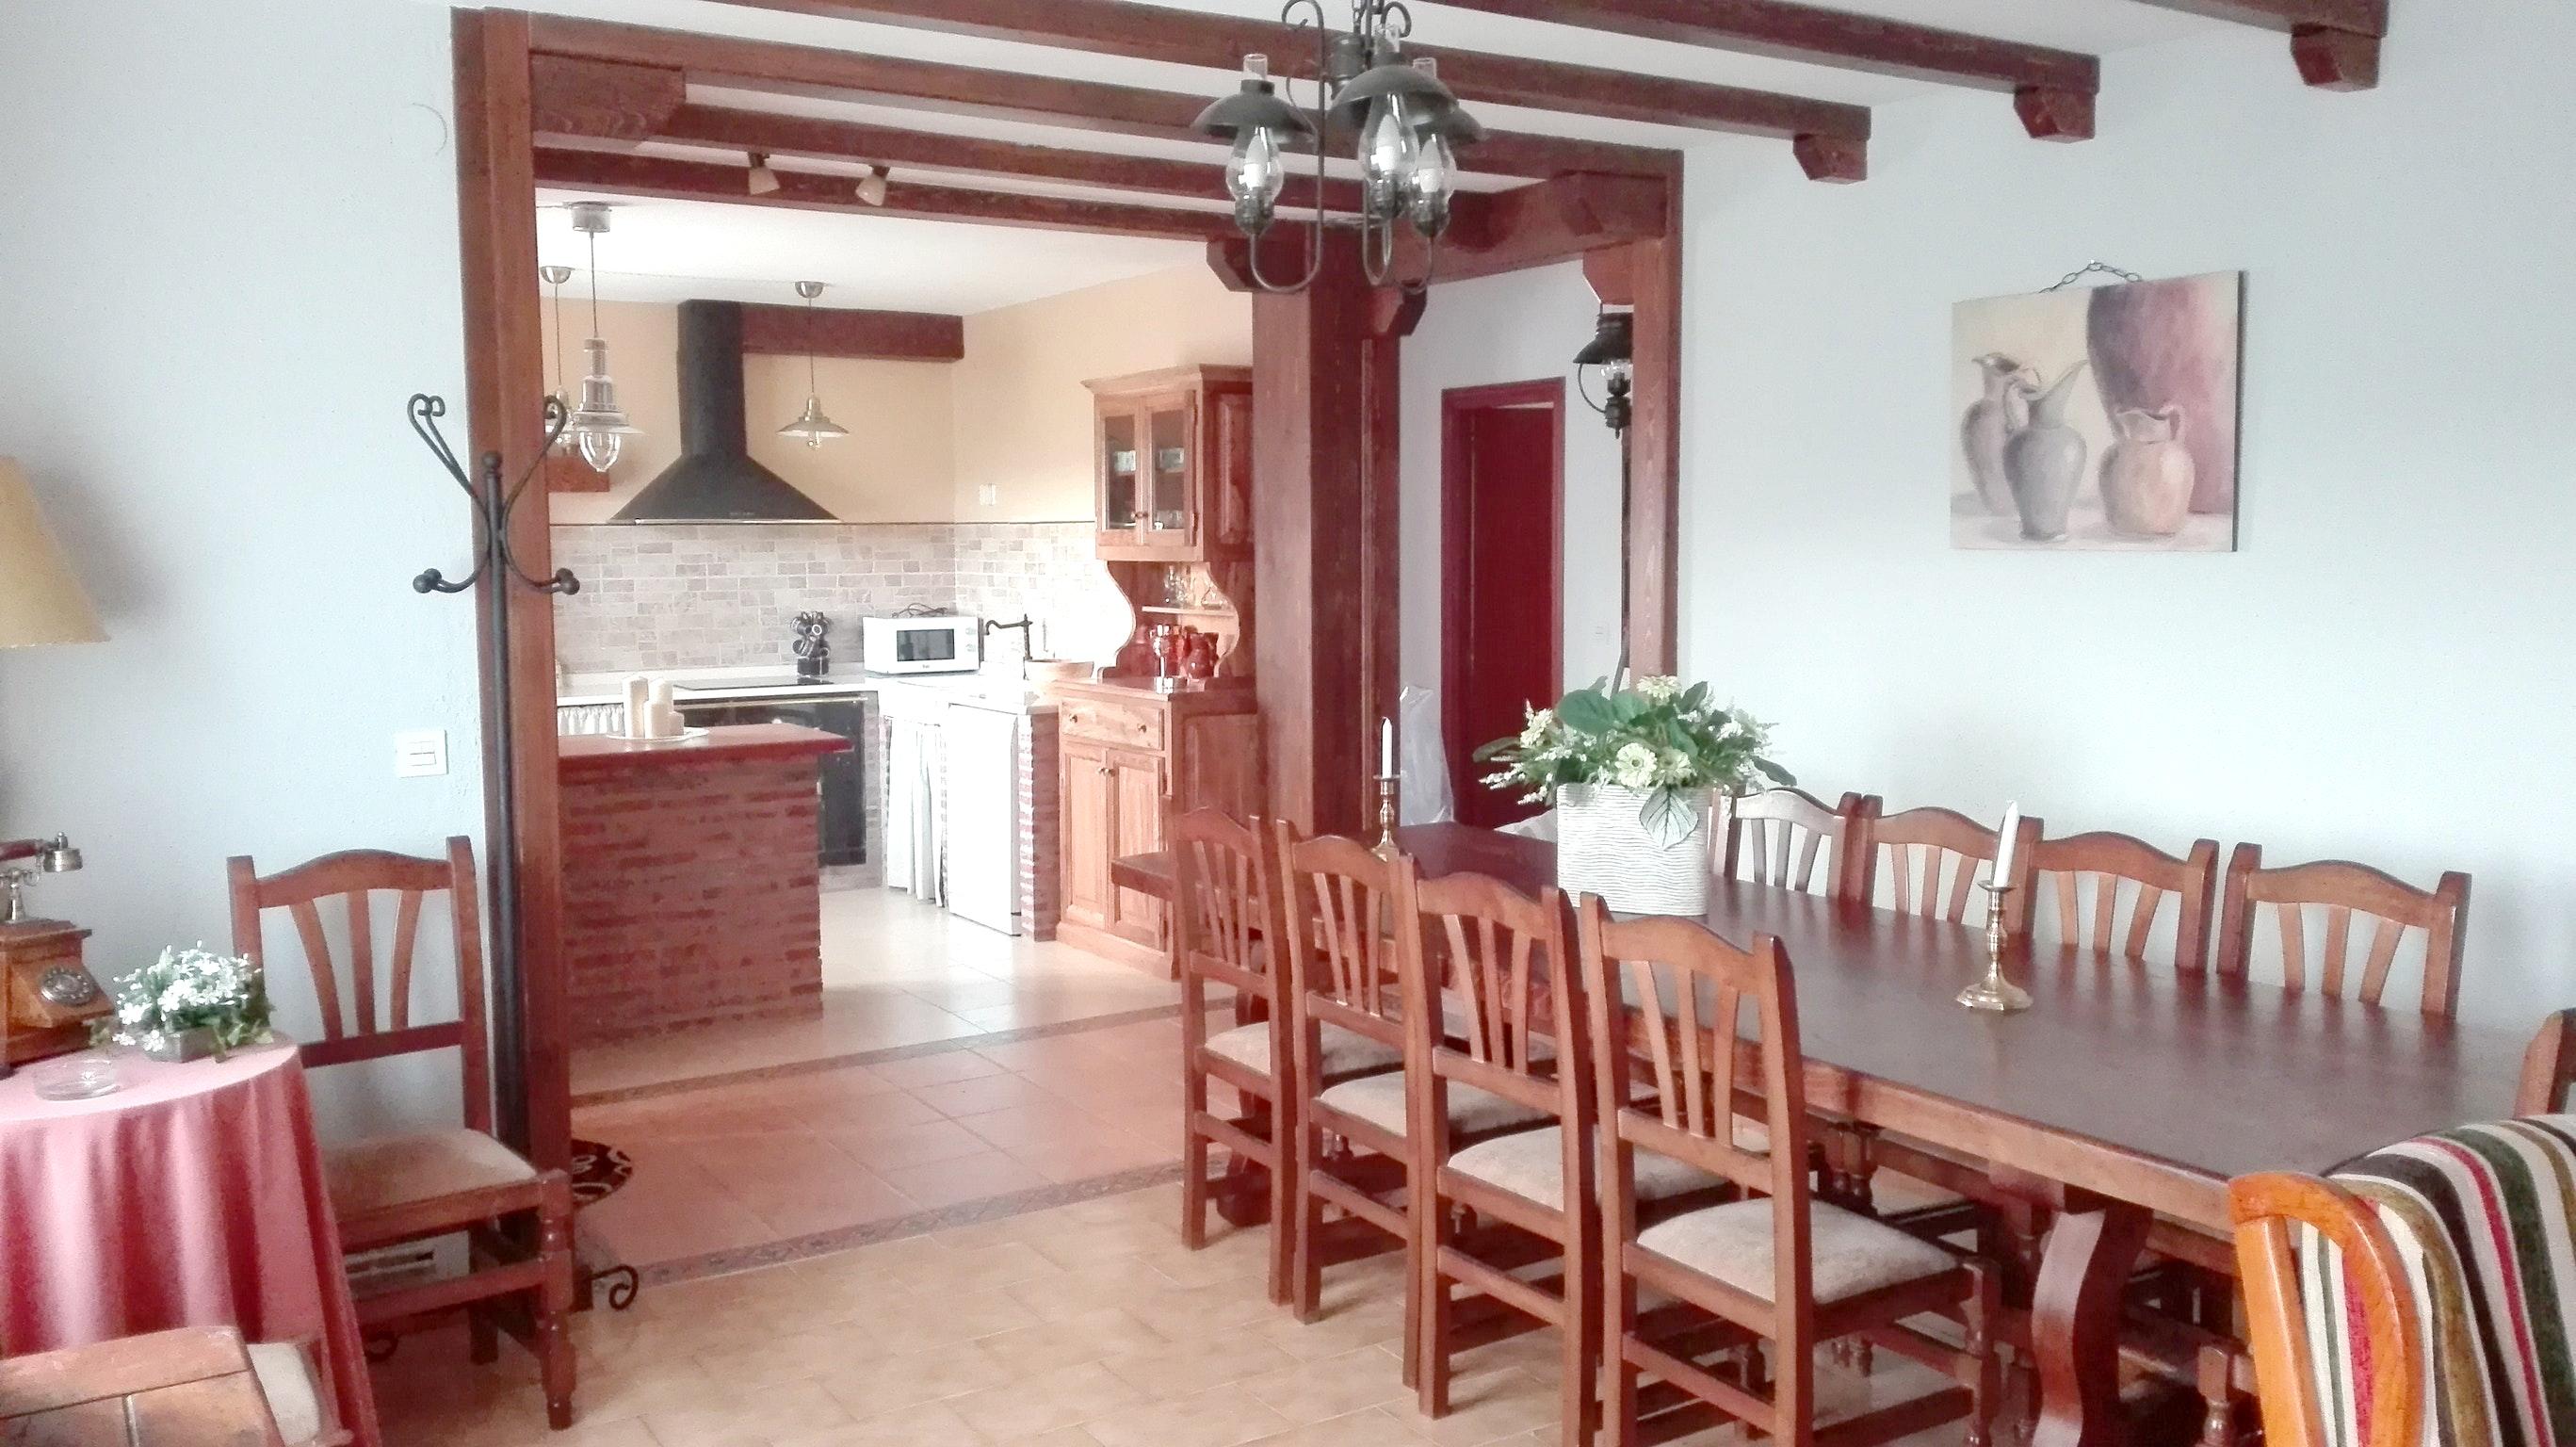 Ferienhaus Haus mit 3 Schlafzimmern in Peral de Arlanza mit eingezäuntem Garten (2201640), Peral de Arlanza, Palencia, Kastilien-León, Spanien, Bild 15